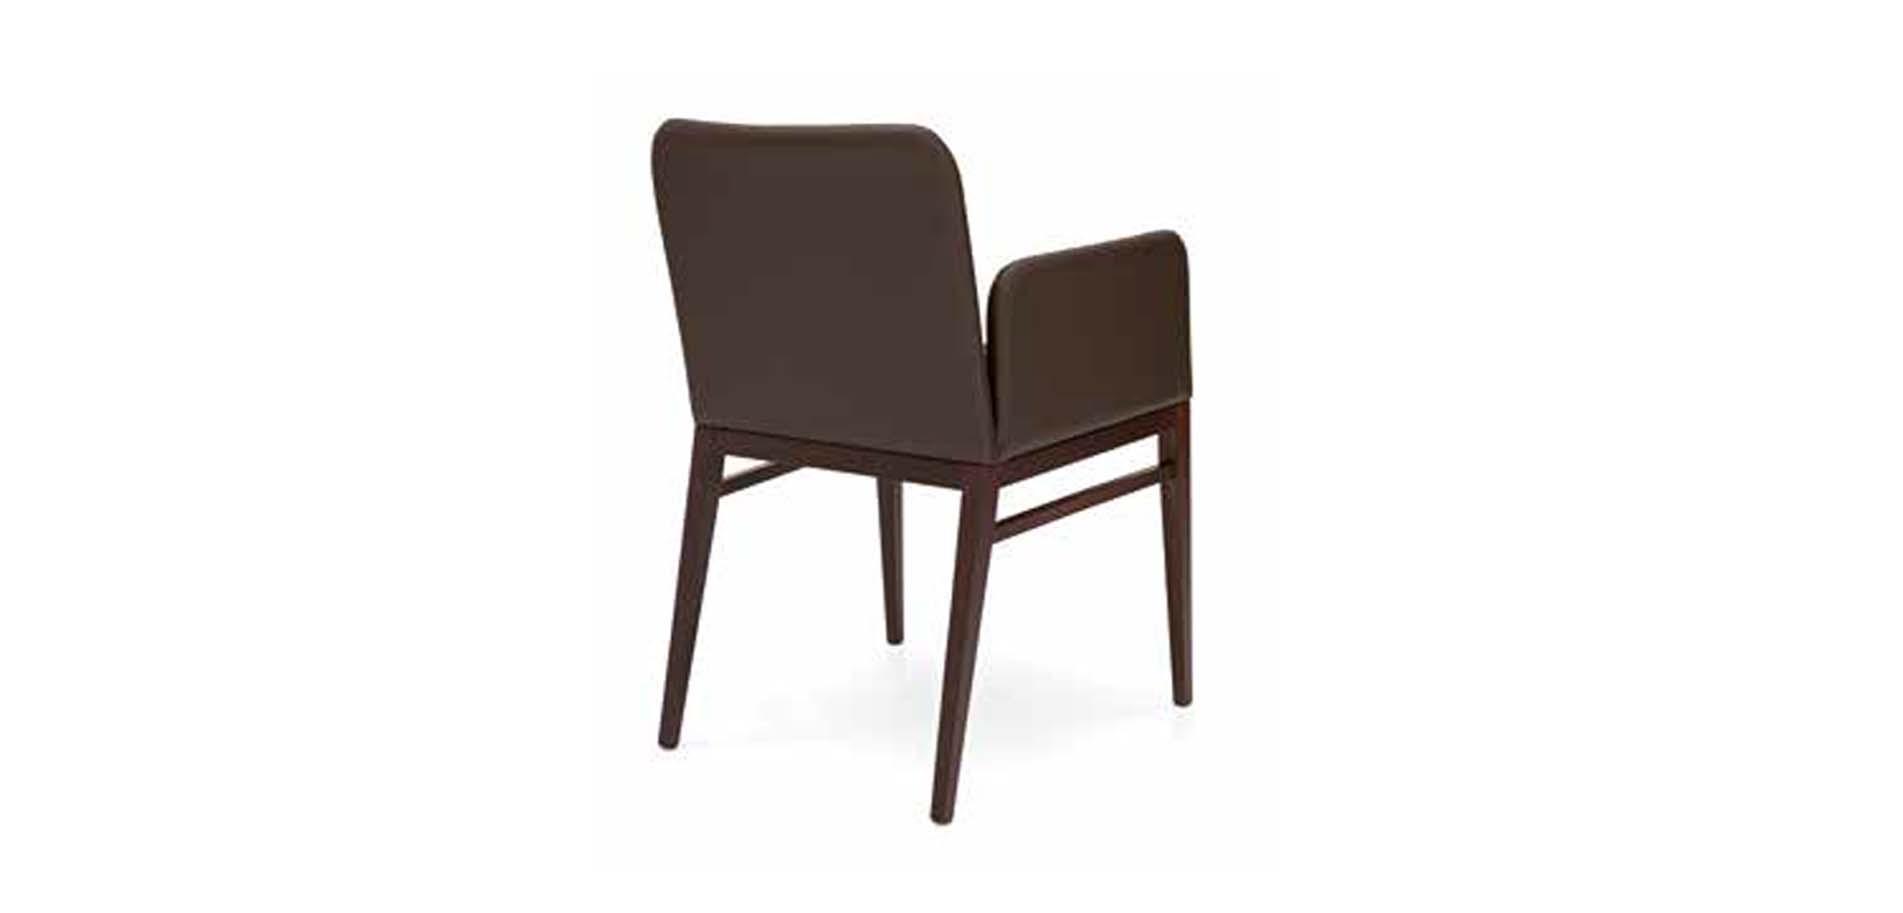 Ιταλικές καρέκλες Connubia